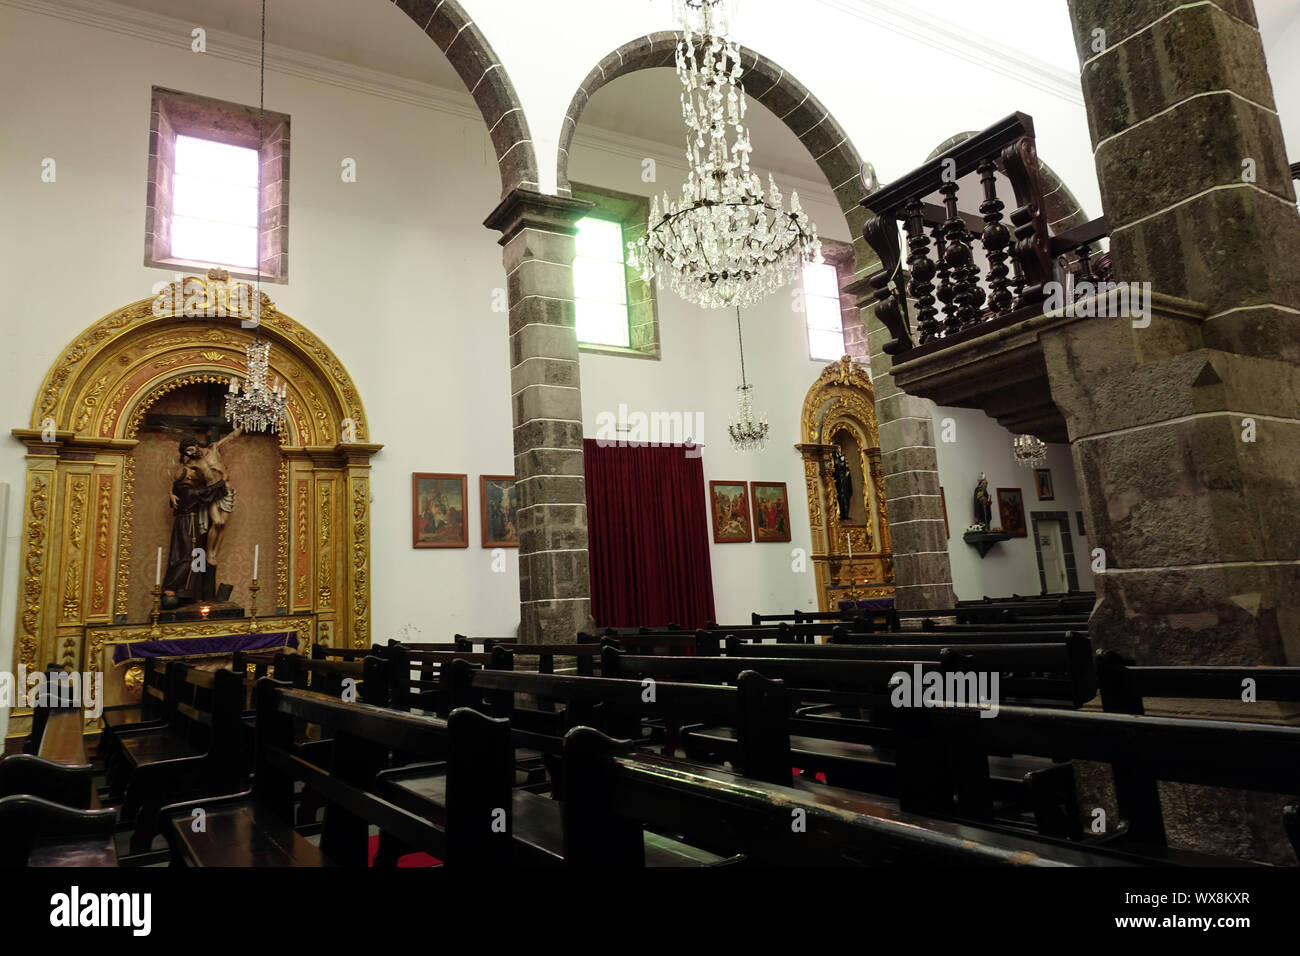 La chiesa di Nostra Signora della Misericordia Foto Stock